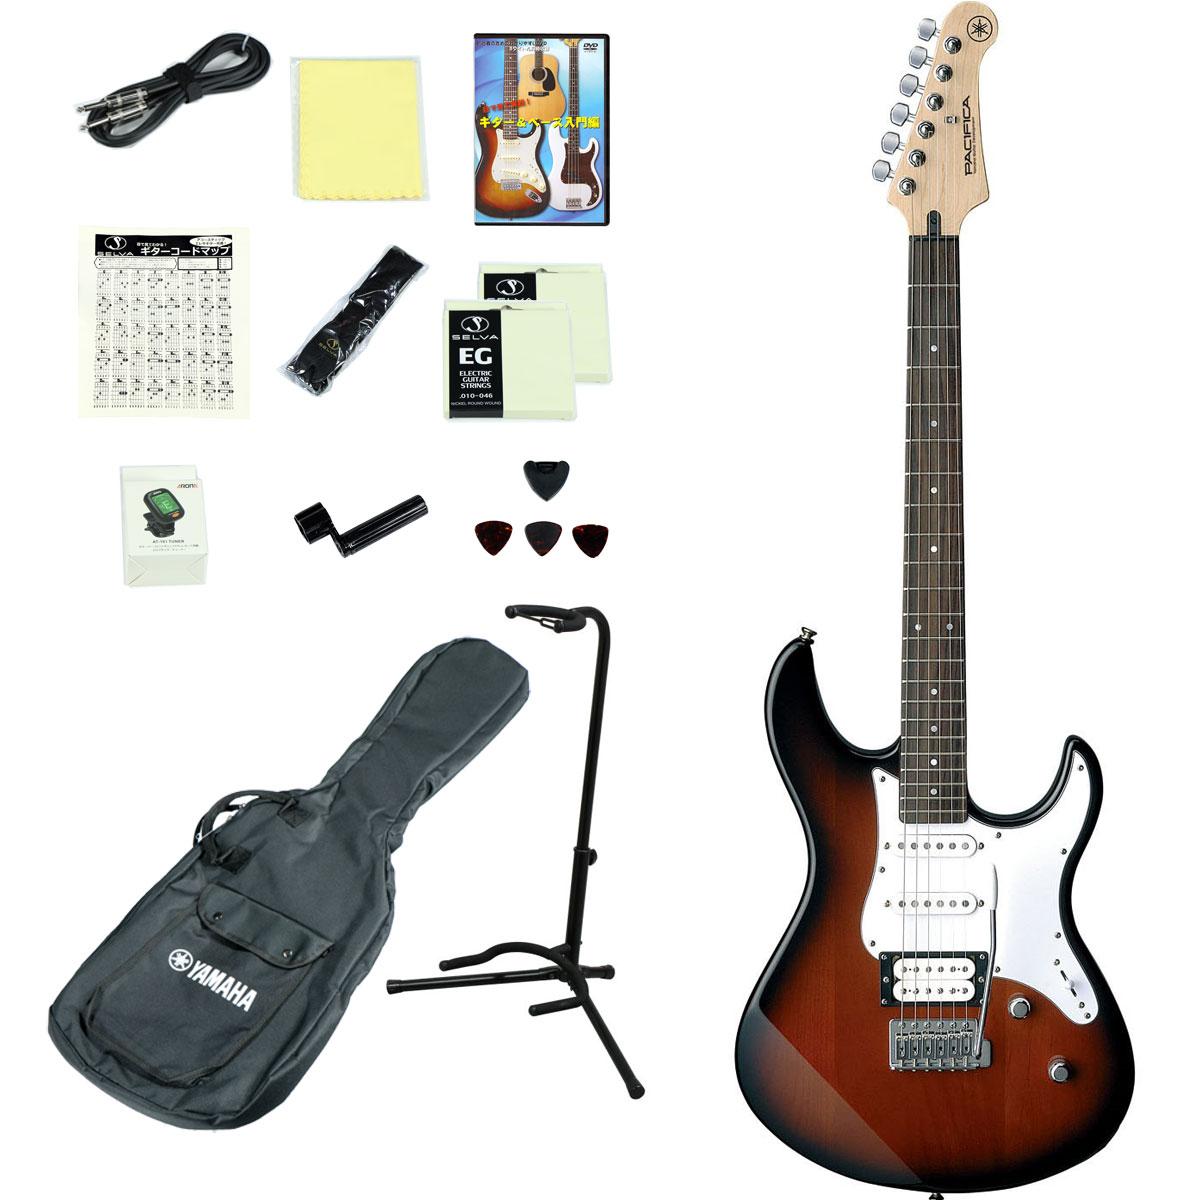 YAMAHA / PACIFICA112V OVS(オールドバイオリンサンバースト) 【エレキギター14点入門セット】 ヤマハ PAC112V PAC-112V パシフィカ 初心者【YRK】《+811175700》